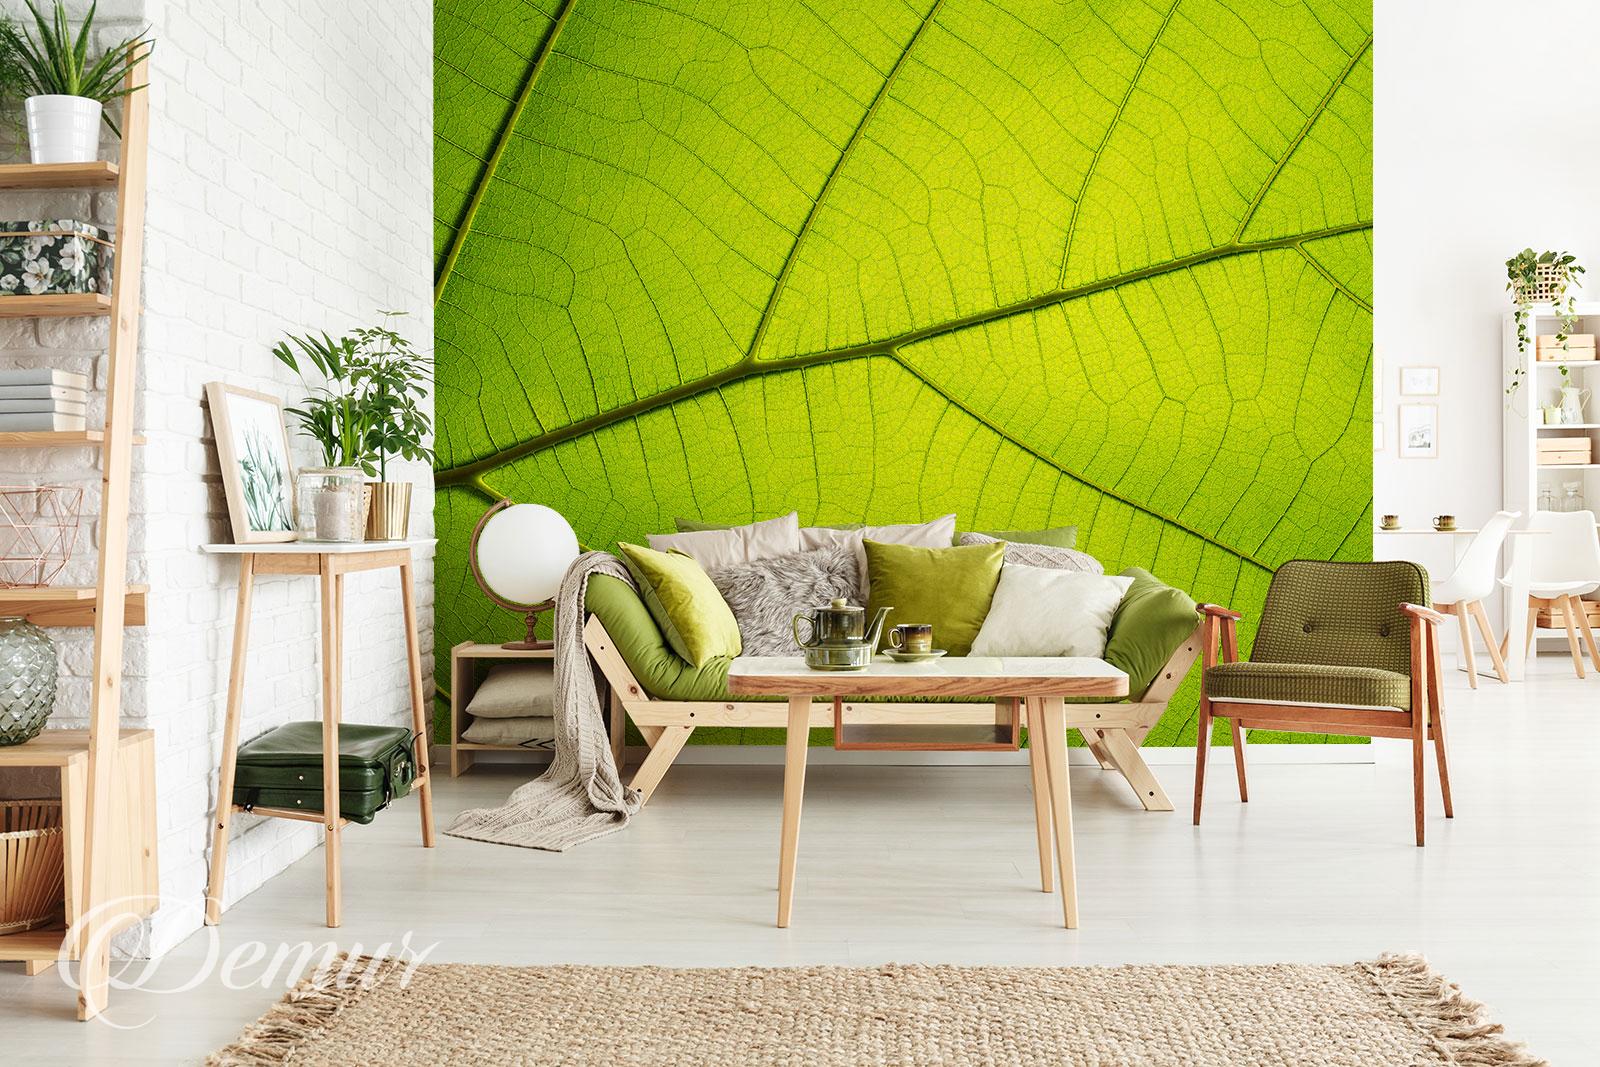 Fototapeta liść - Pomysł na ścianę - Demur